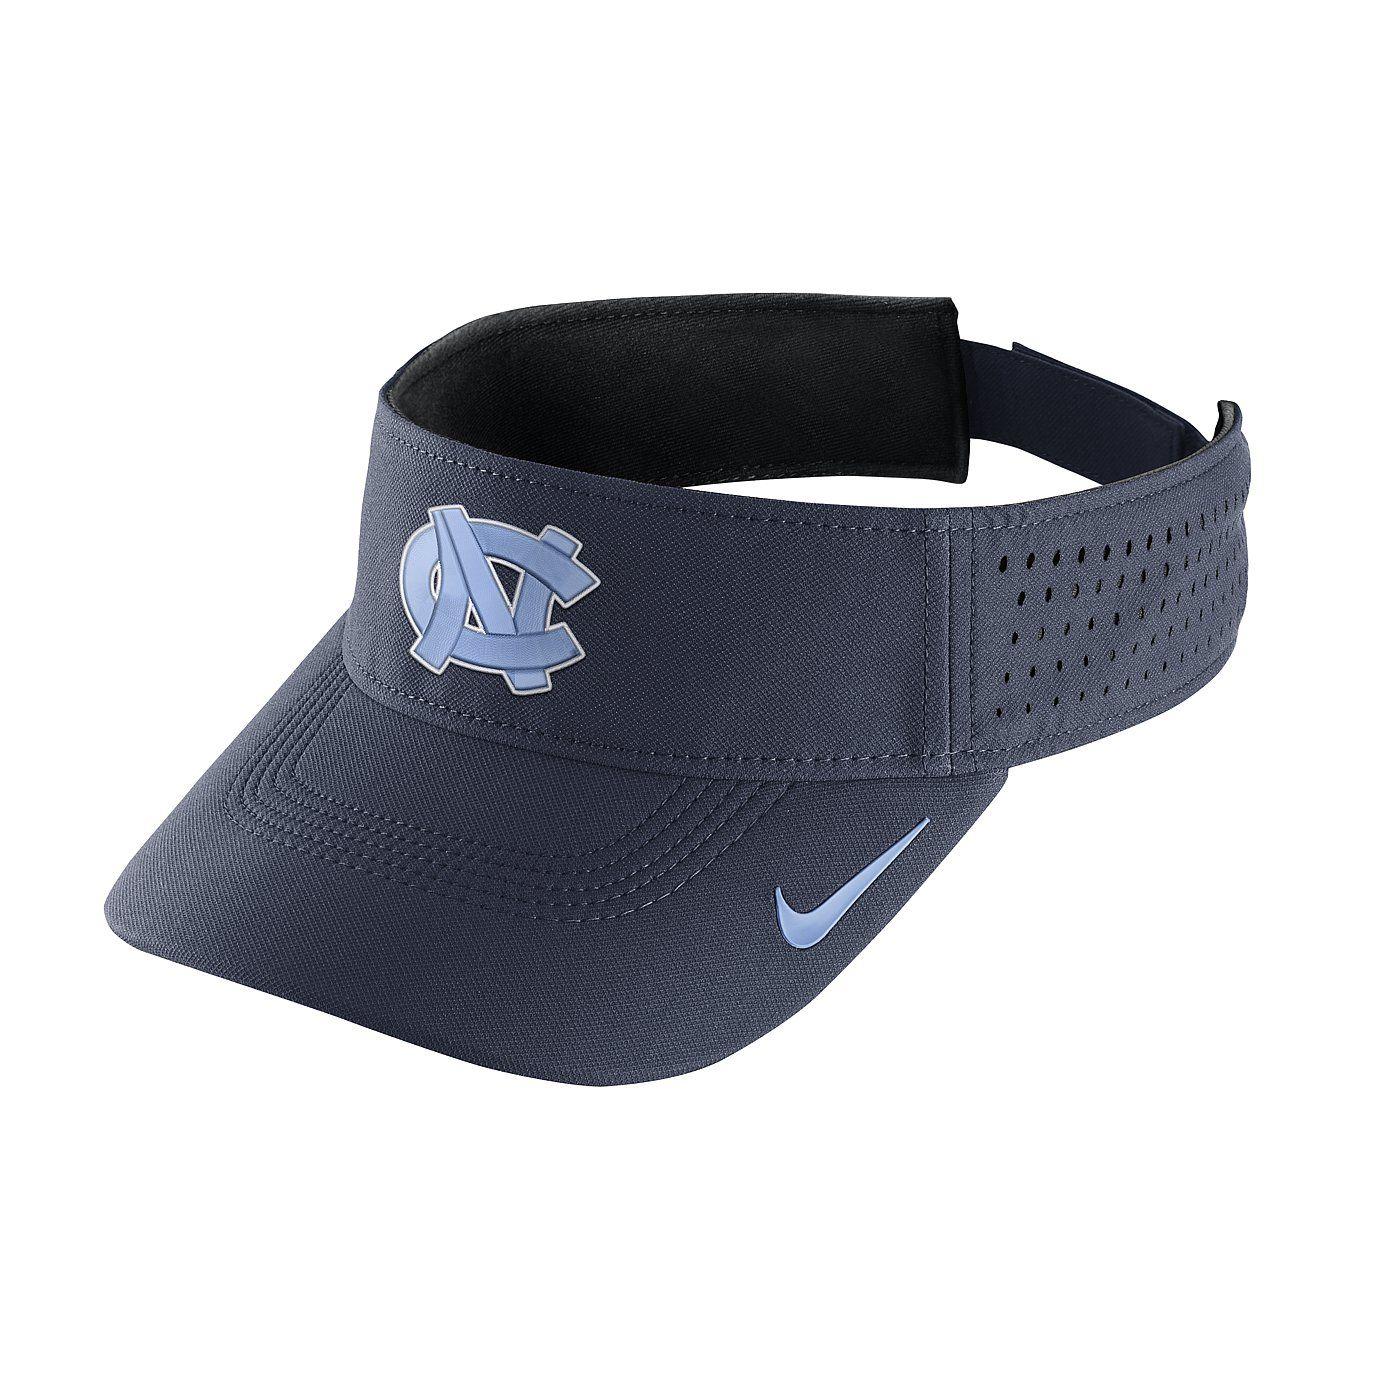 UNC Tar Heels Nike Dri-FIT Visor (Navy) http   www b260aa4160d